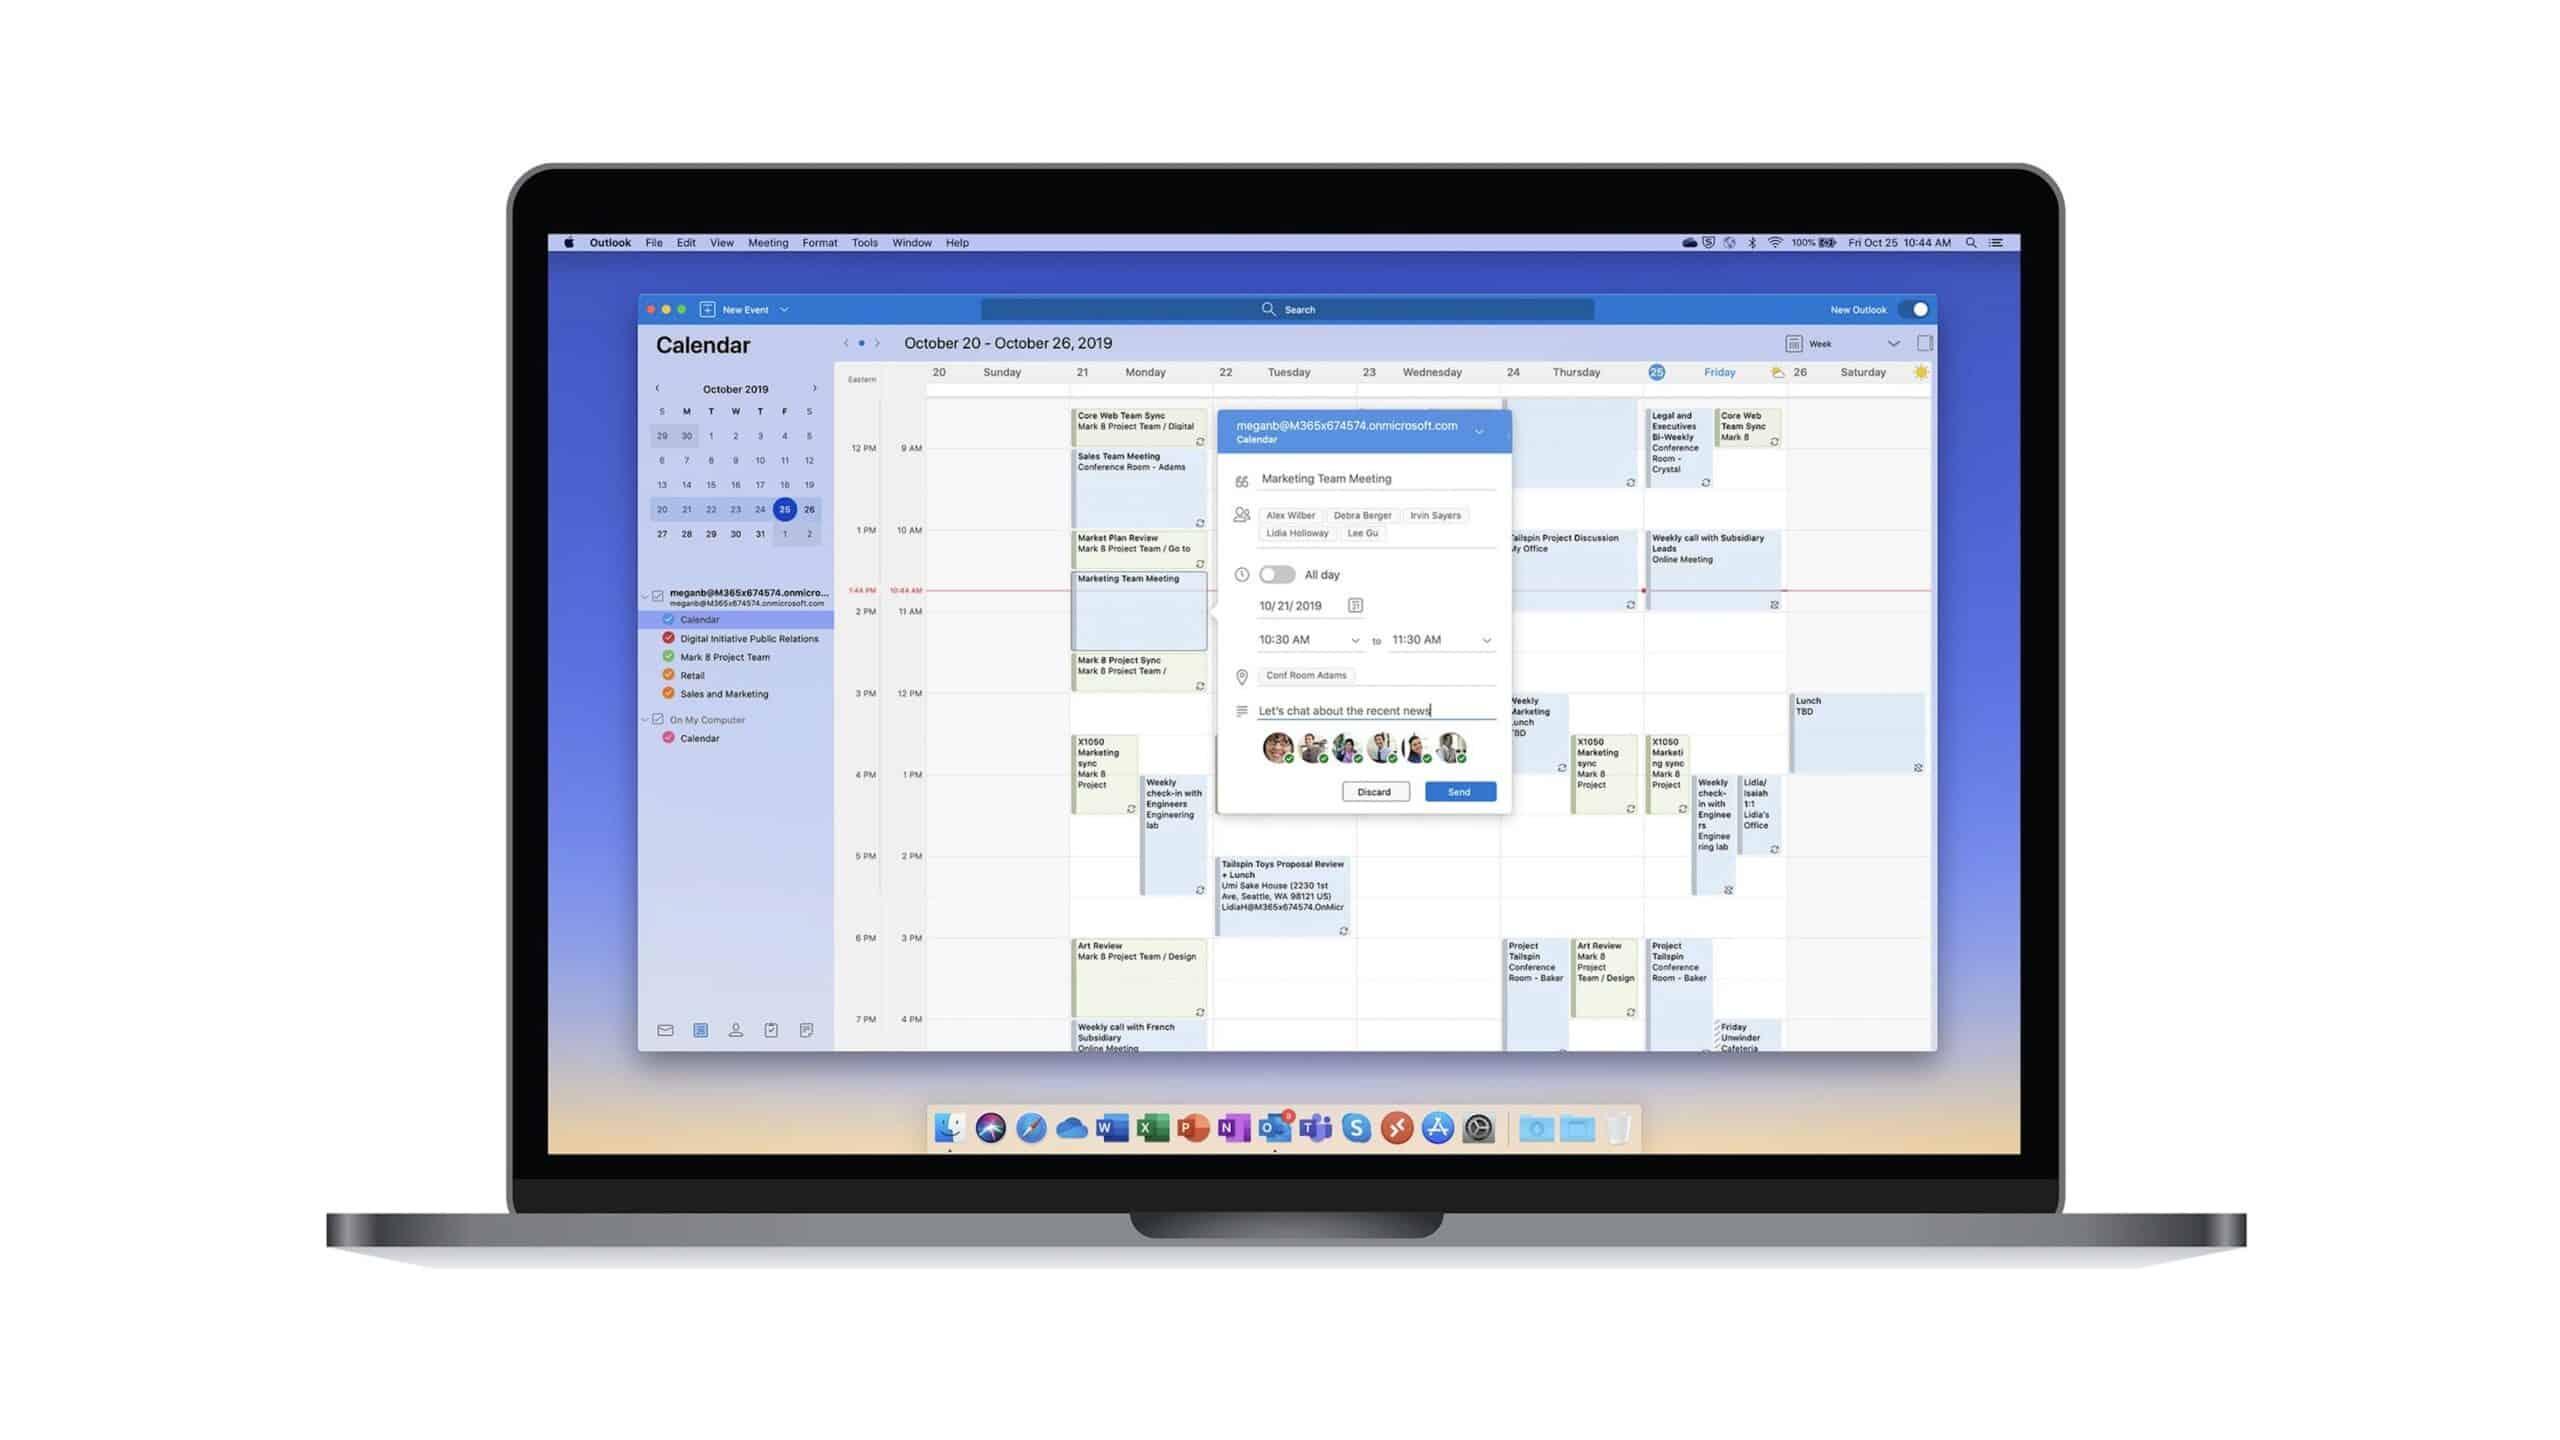 Microsoft chuẩn bị giới thiệu Outlook mới cho macOS